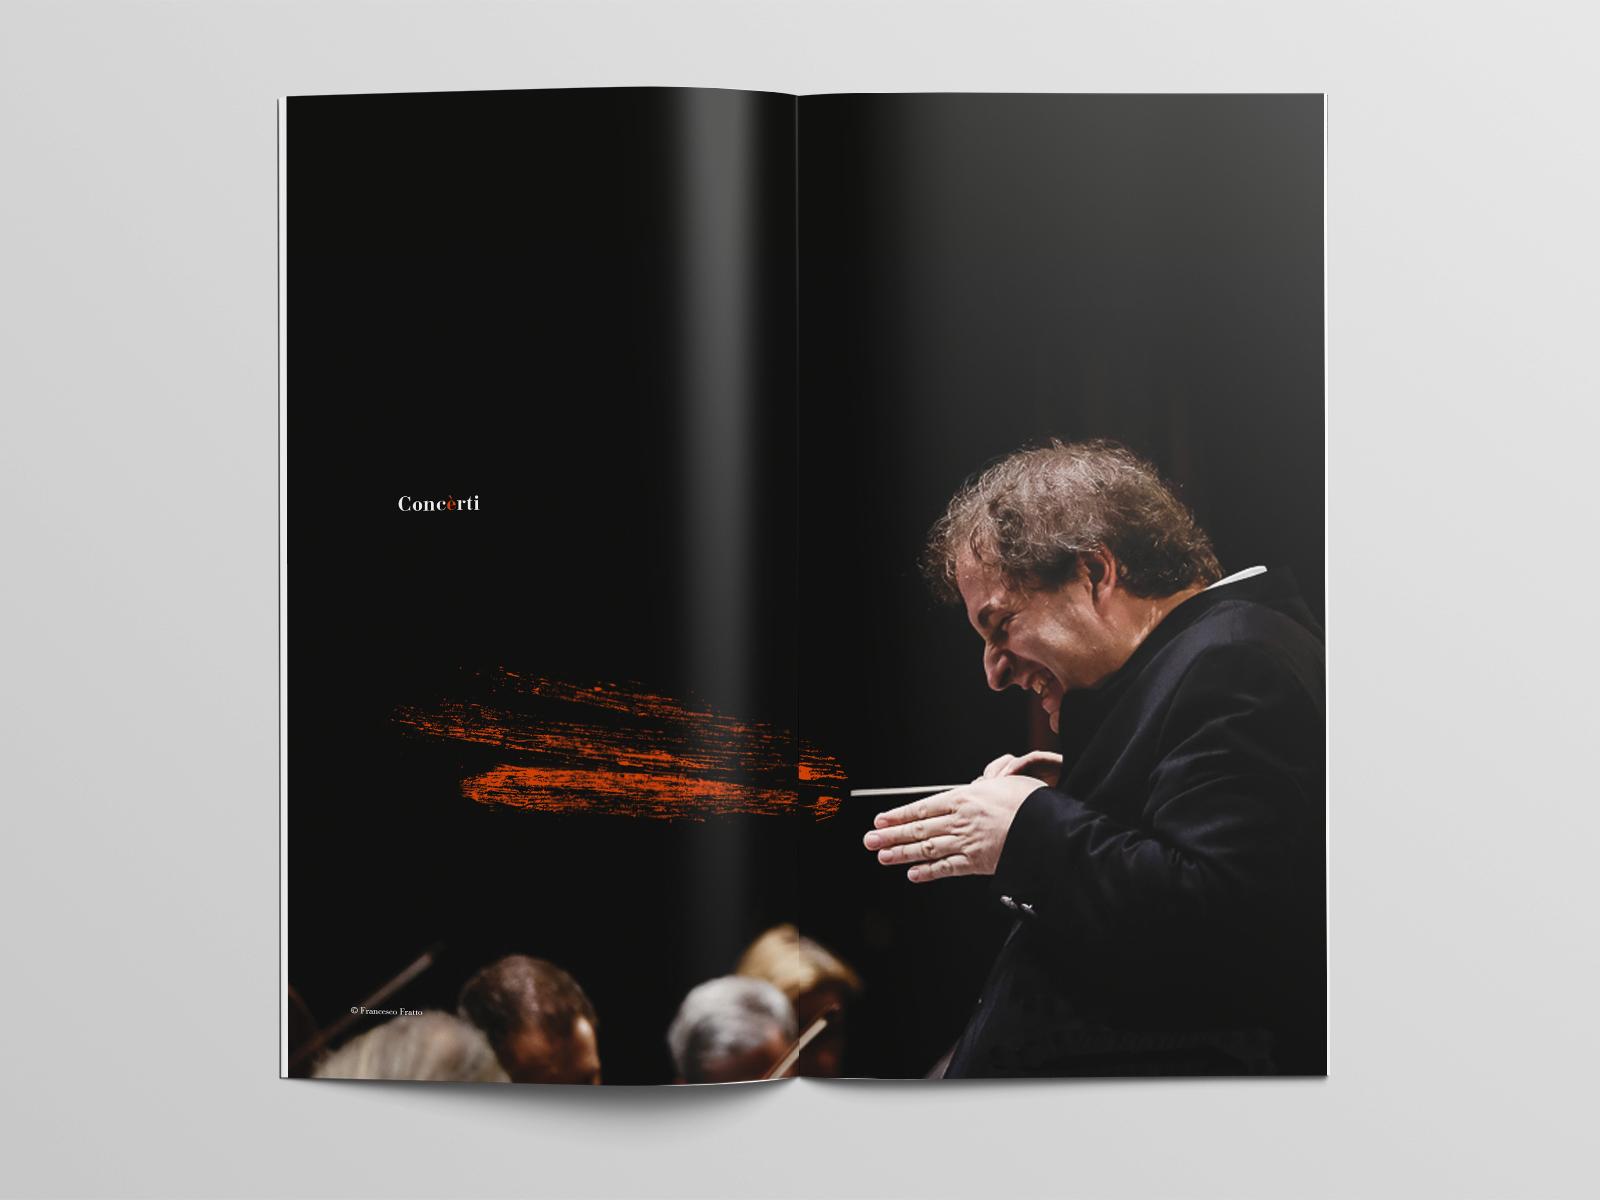 portogruaro-libretto16-02